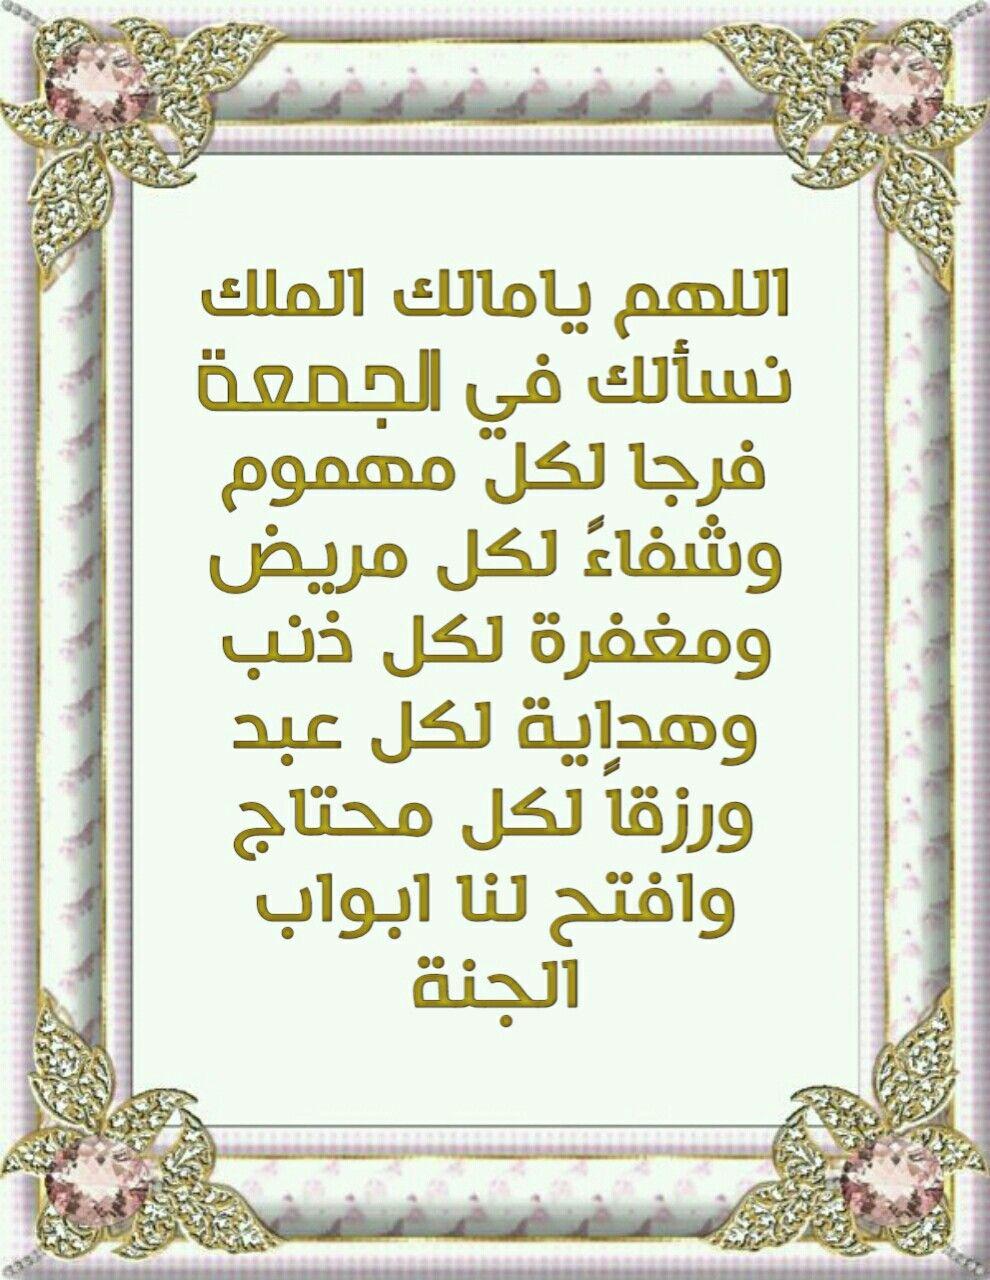 دعاء يوم الجمعة Dua In Arabic Duaa Islam Islam